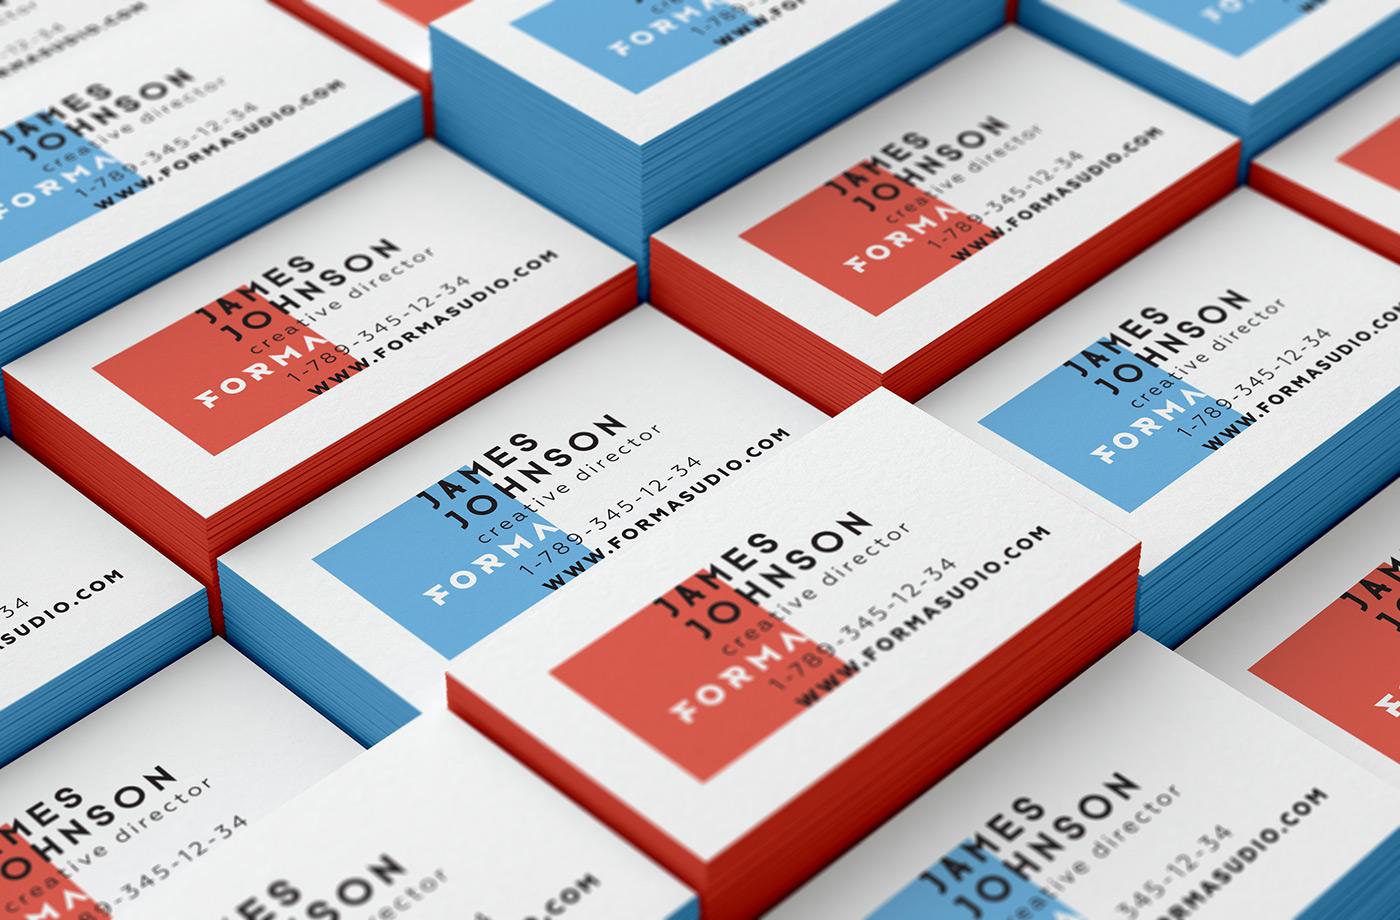 Business Cards Mockups Pack Vol. 1 on Behance